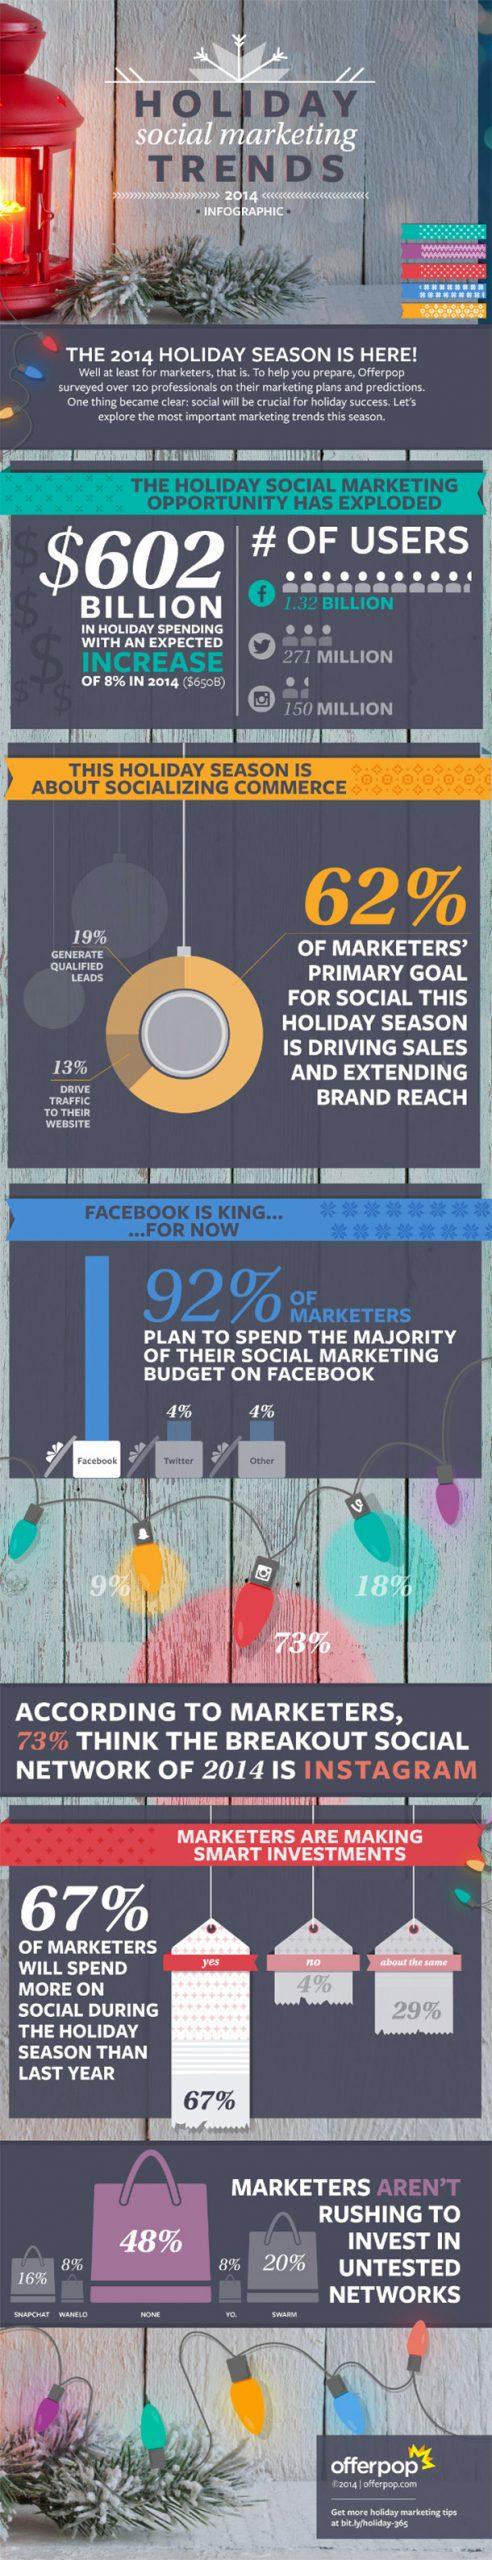 strategie social media sarbatori